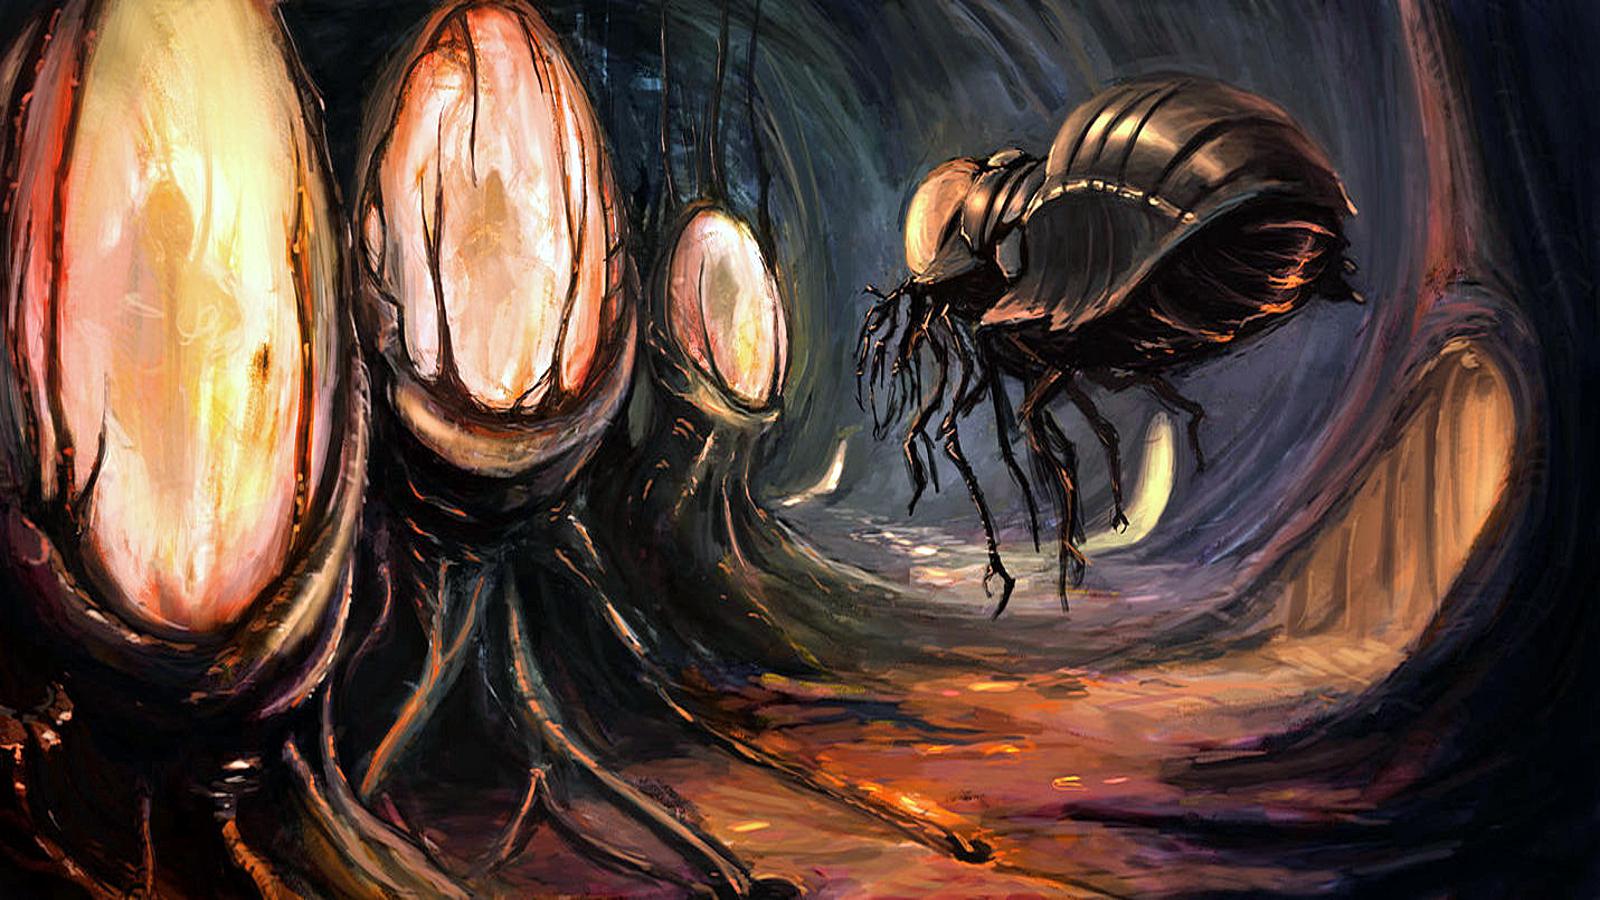 Mines (Morrowind)